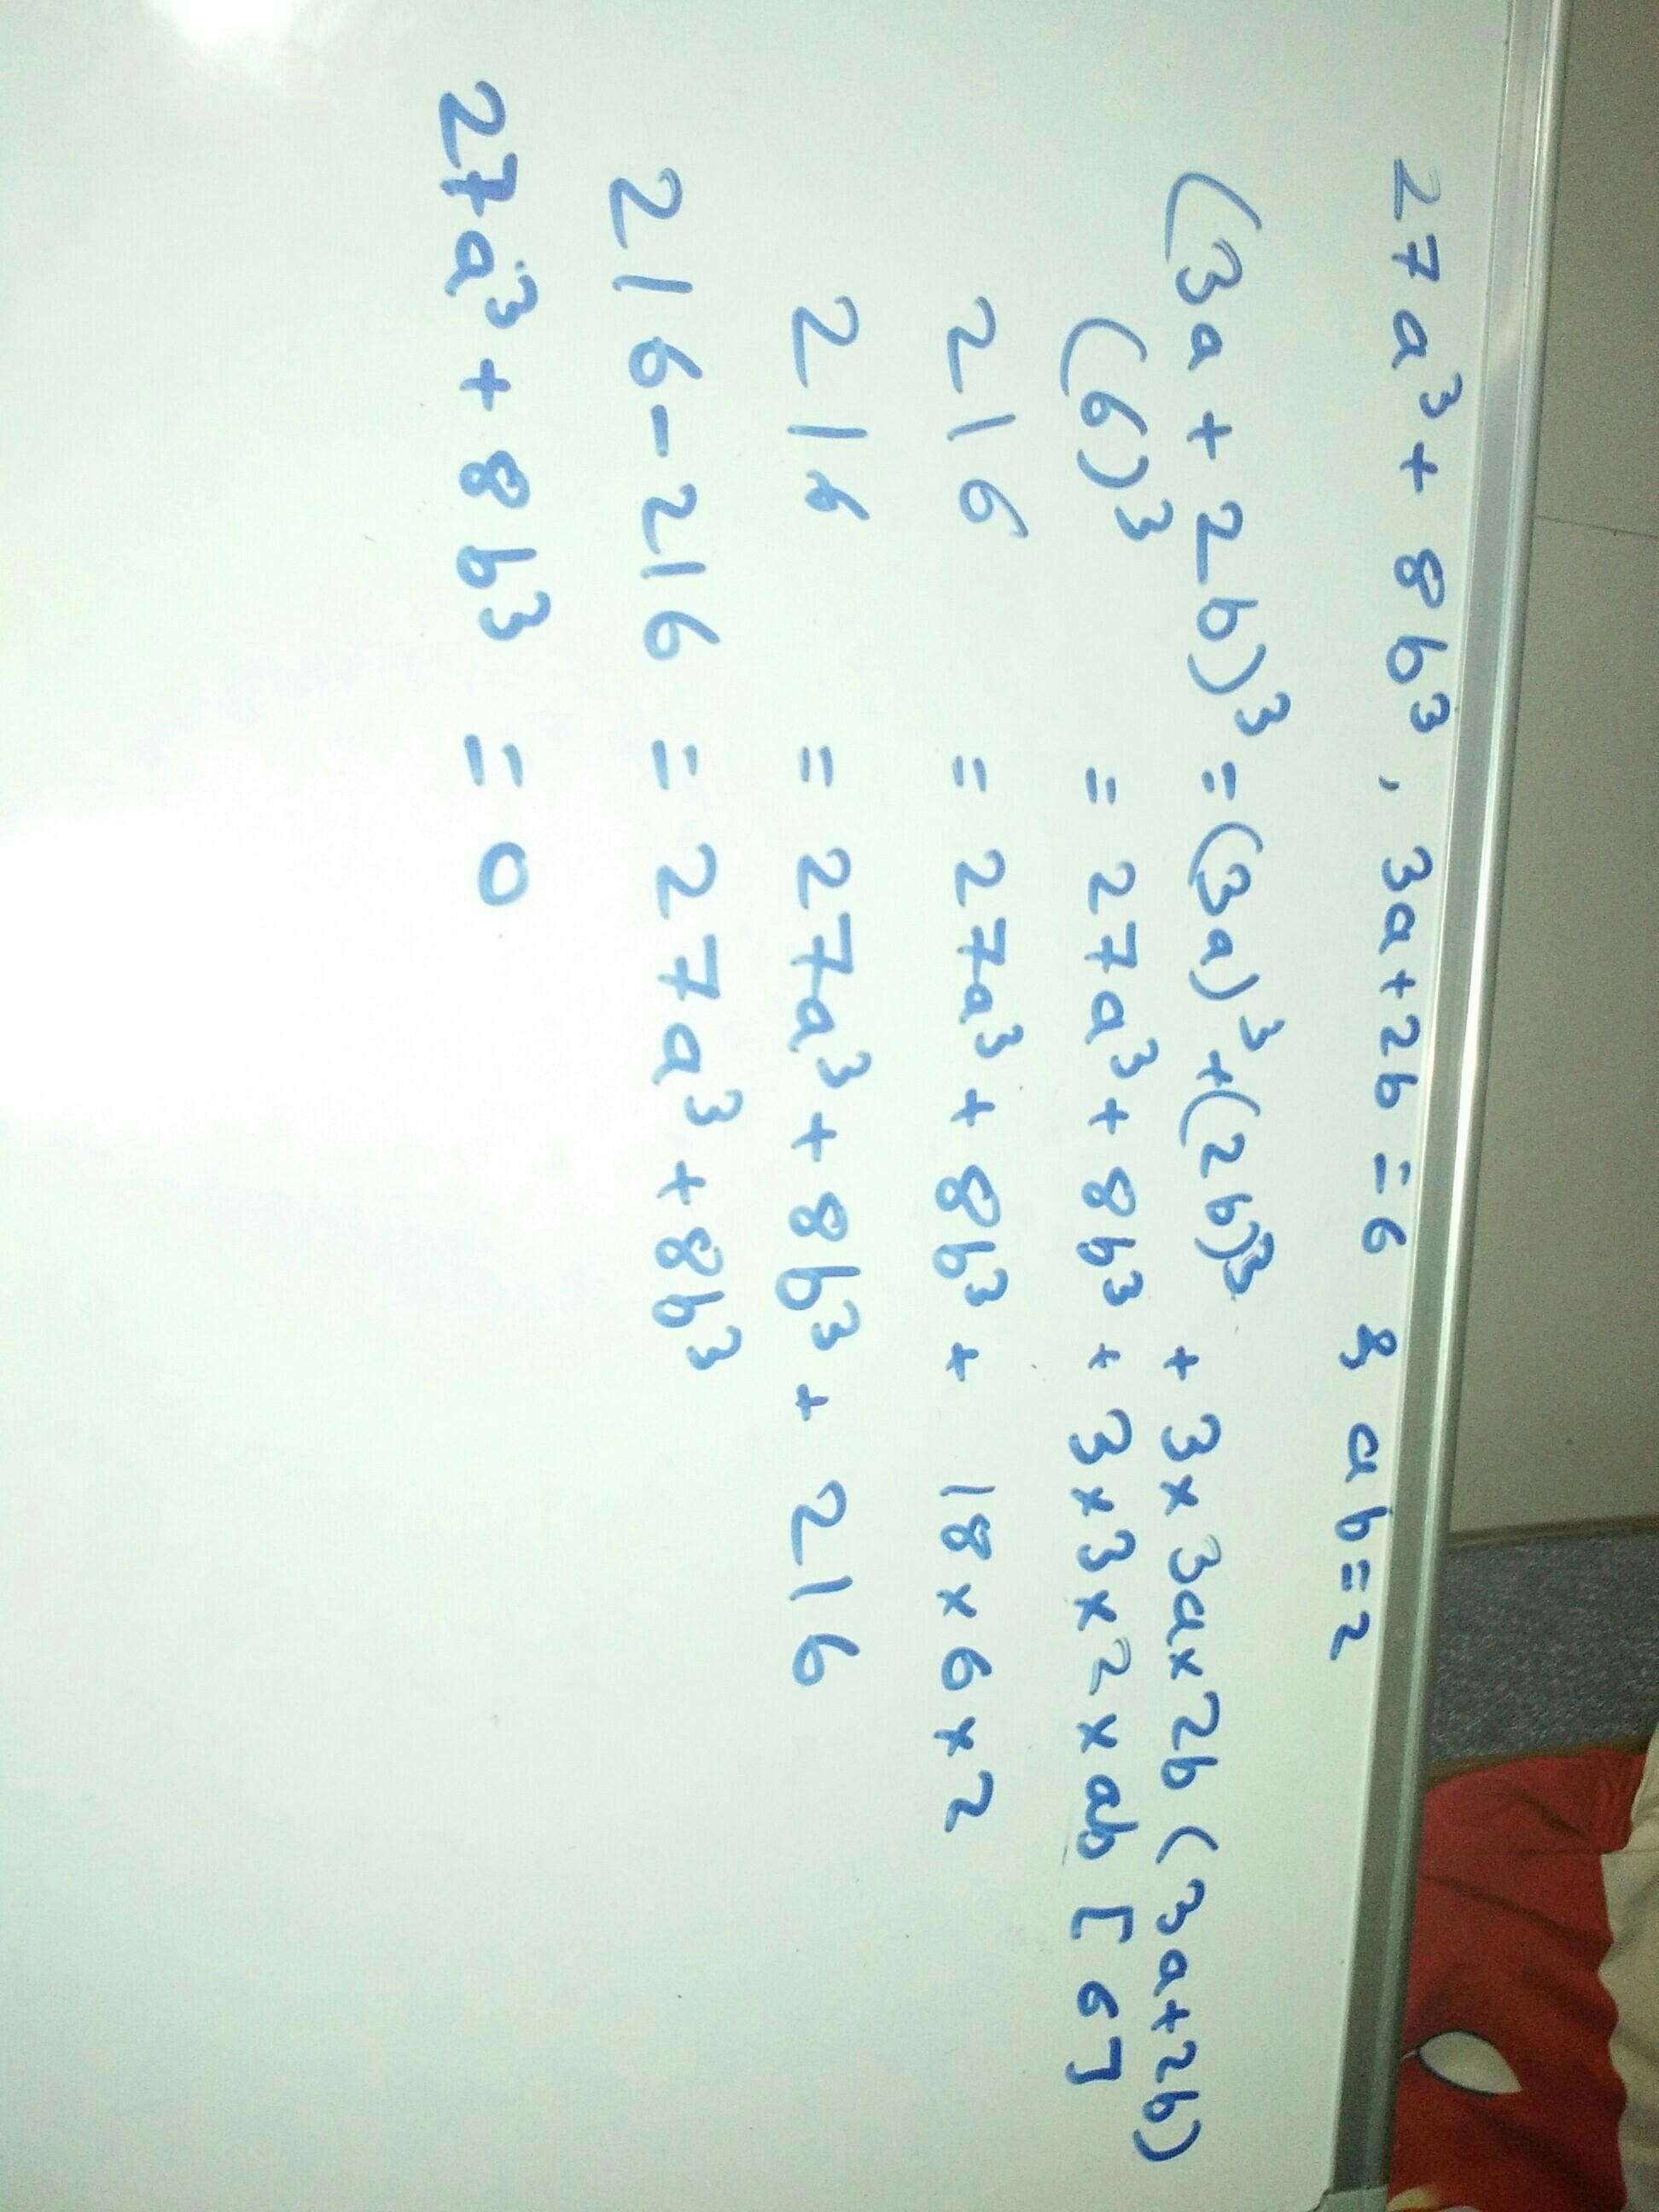 simplifique : [tex] a) /frac{2x+2}{4x+4} b) /frac{3a-6b}{a